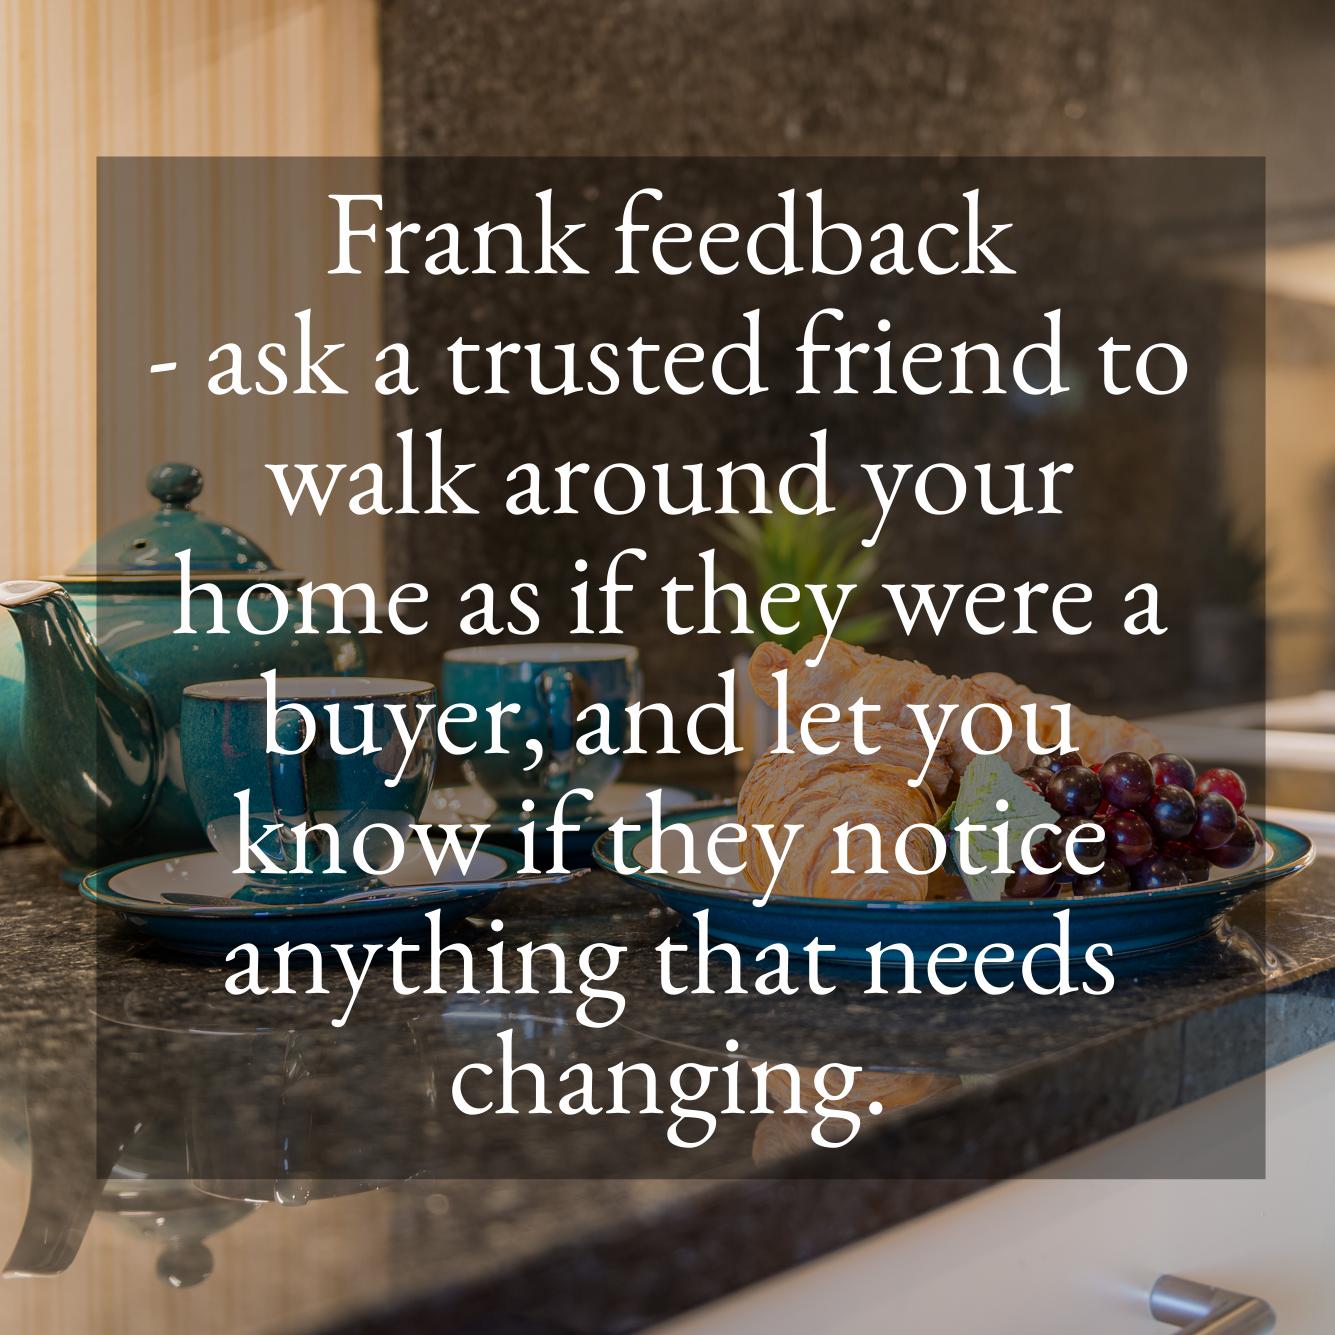 tg10-frank-feedback